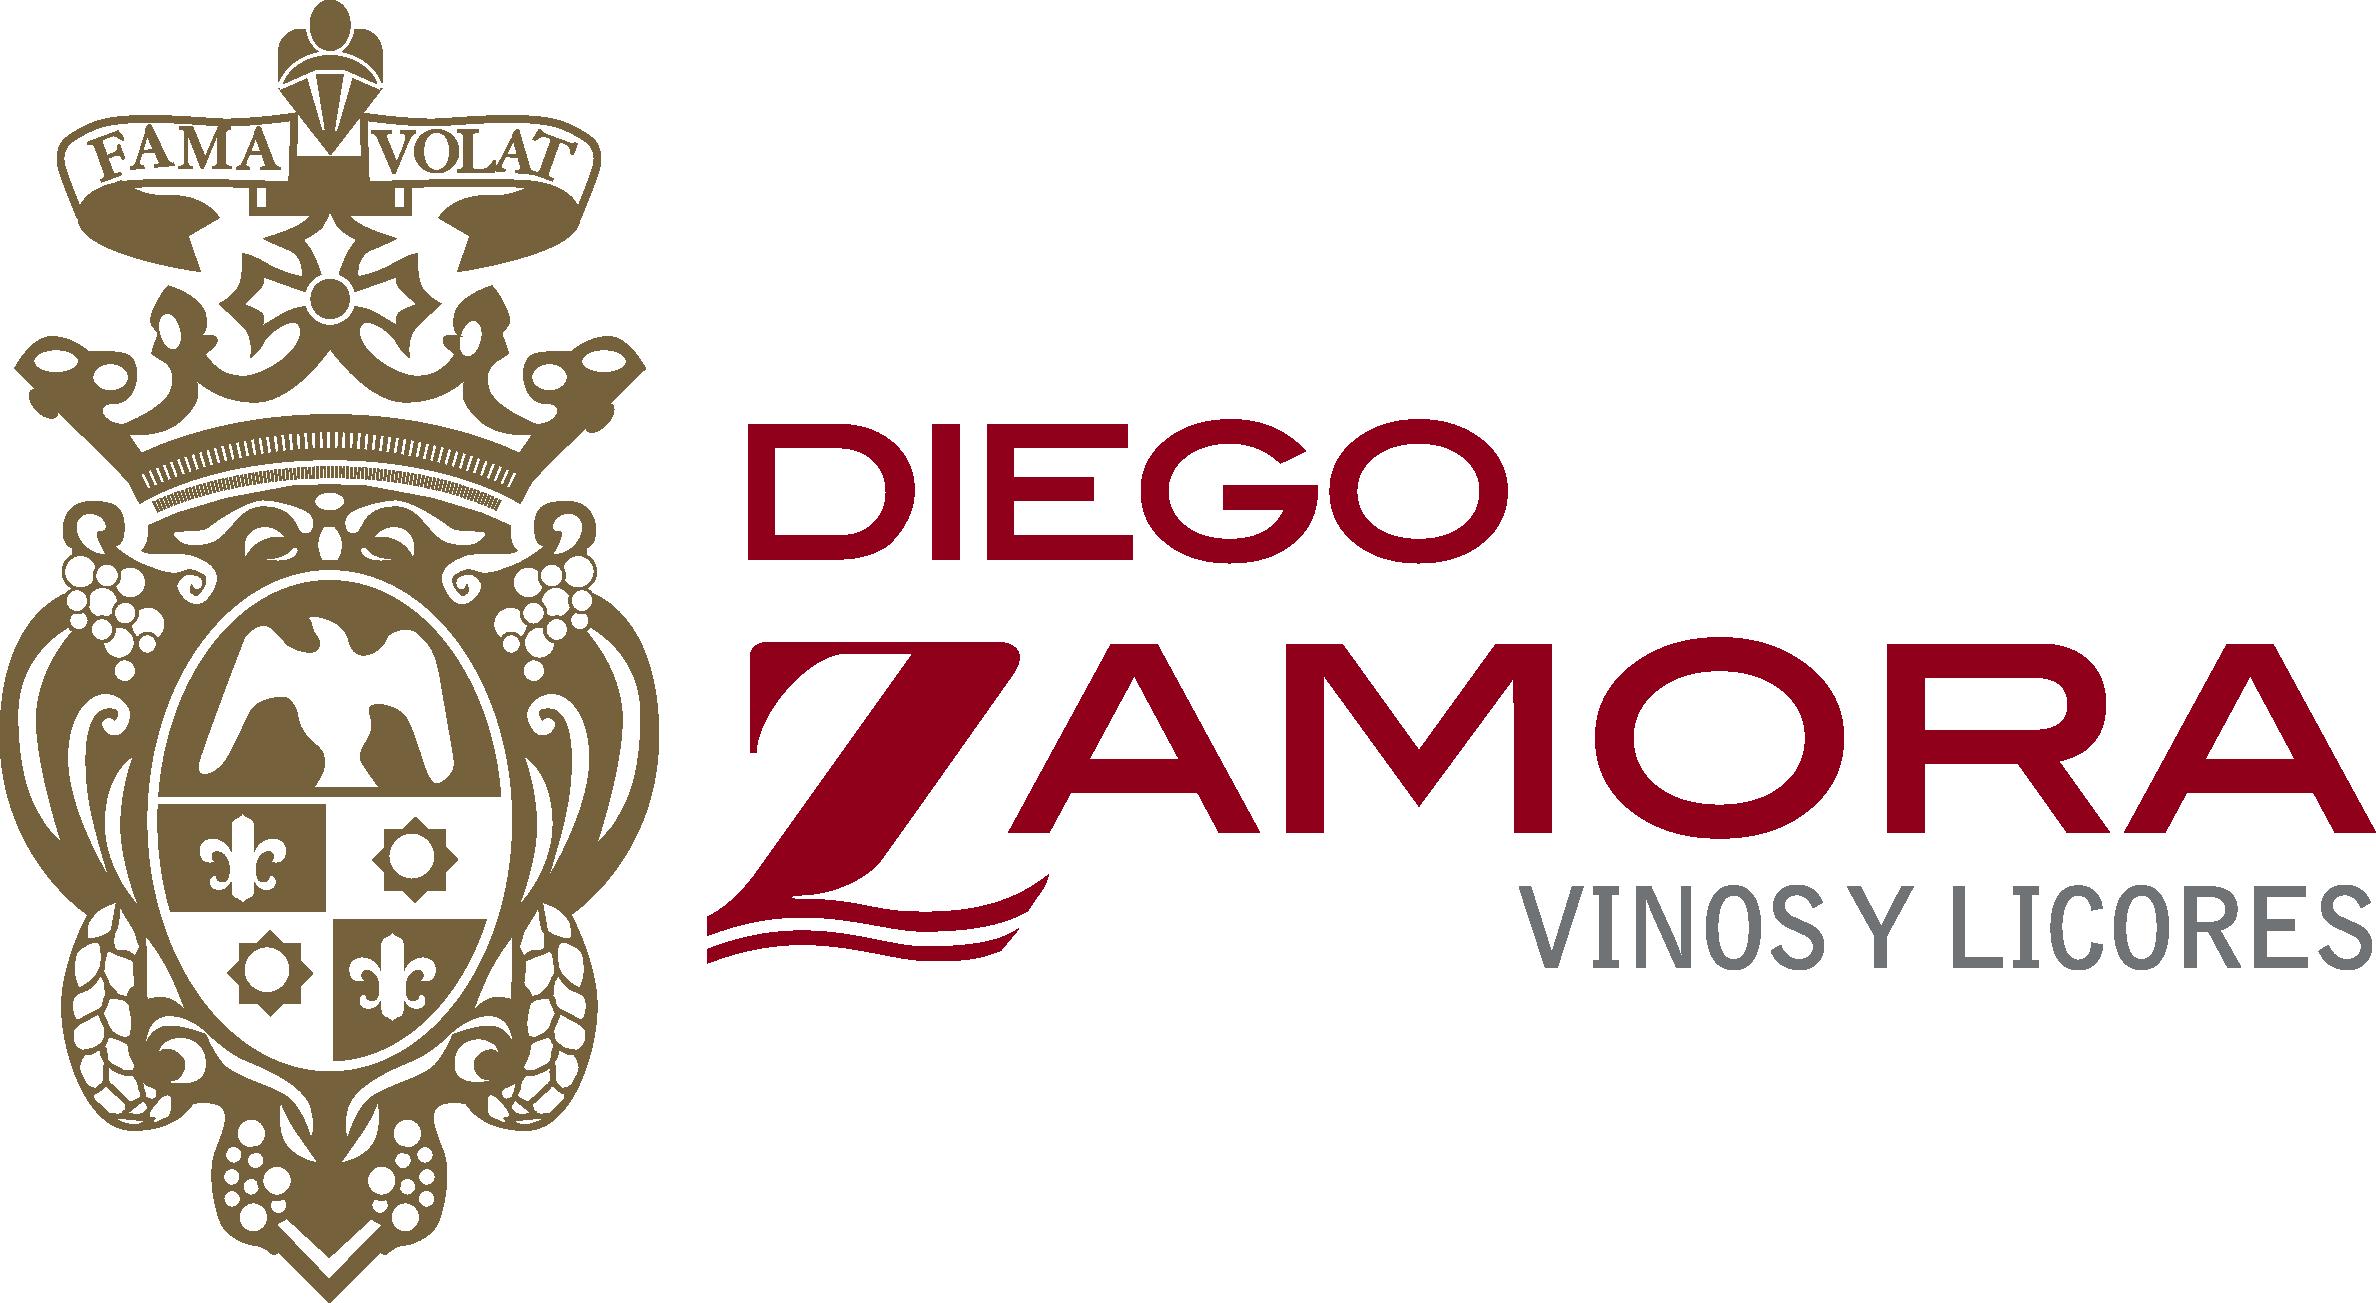 DIEGO ZAMORA, S.A.